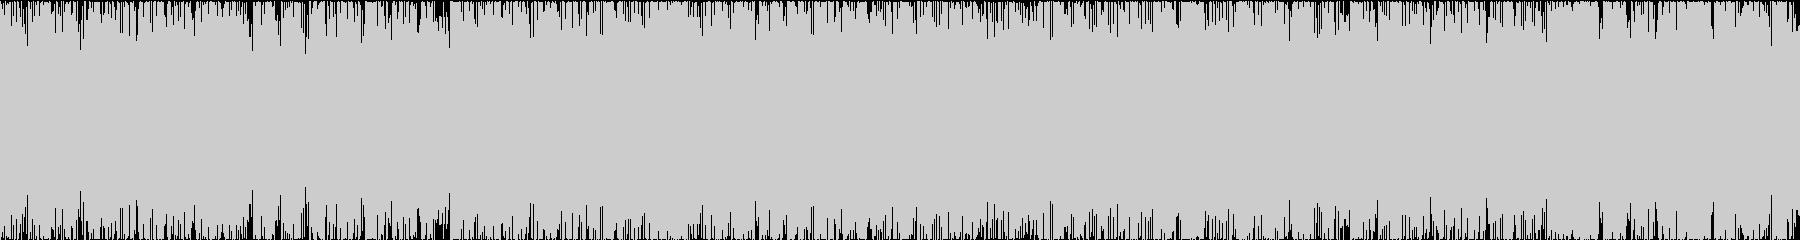 爽快で感動的な映像に効果的 Loop2の未再生の波形